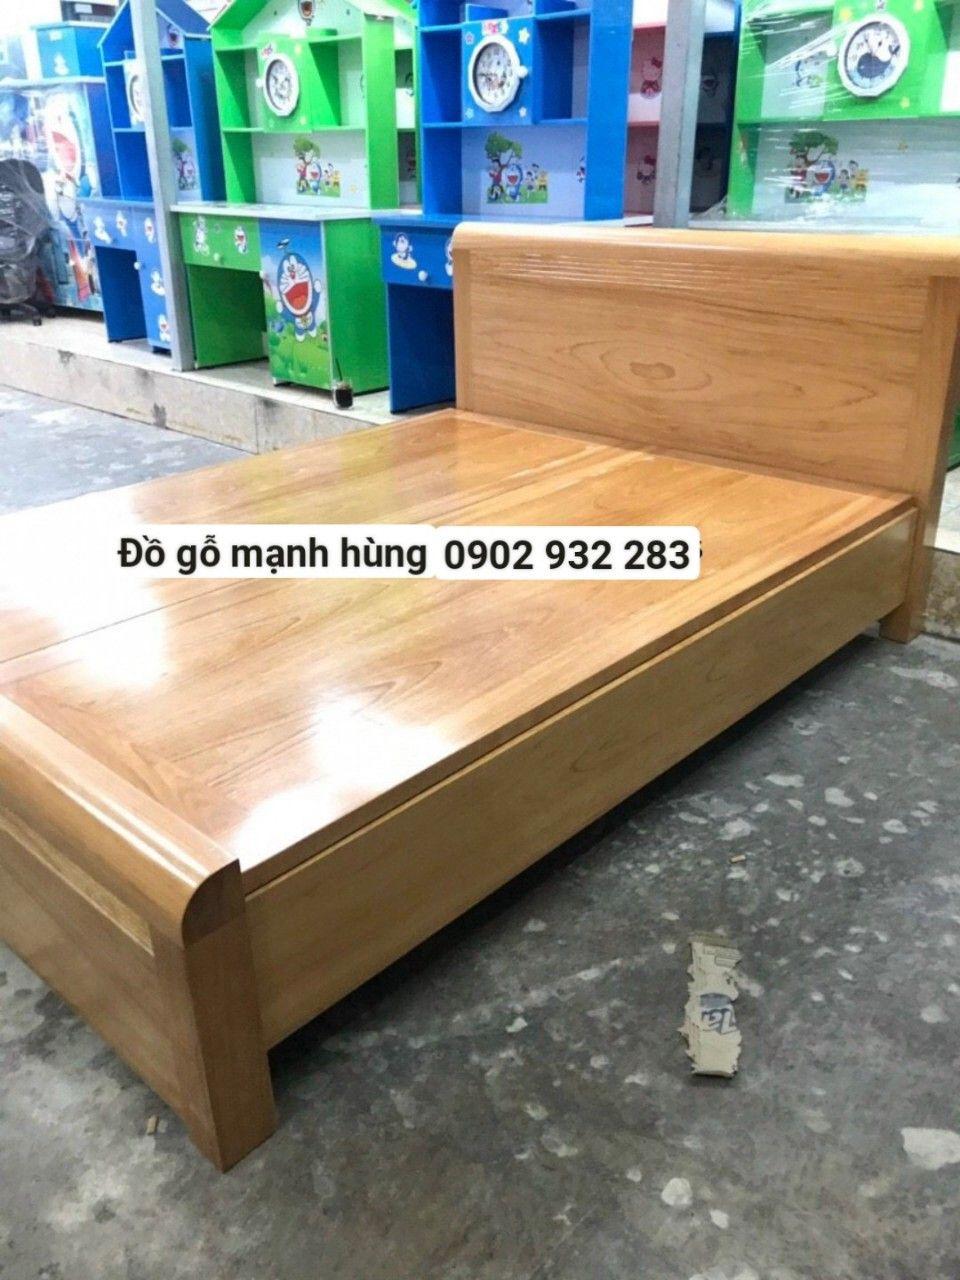 Giường gỗ gõ đỏ mẫu hiện đại 1,6mx2m